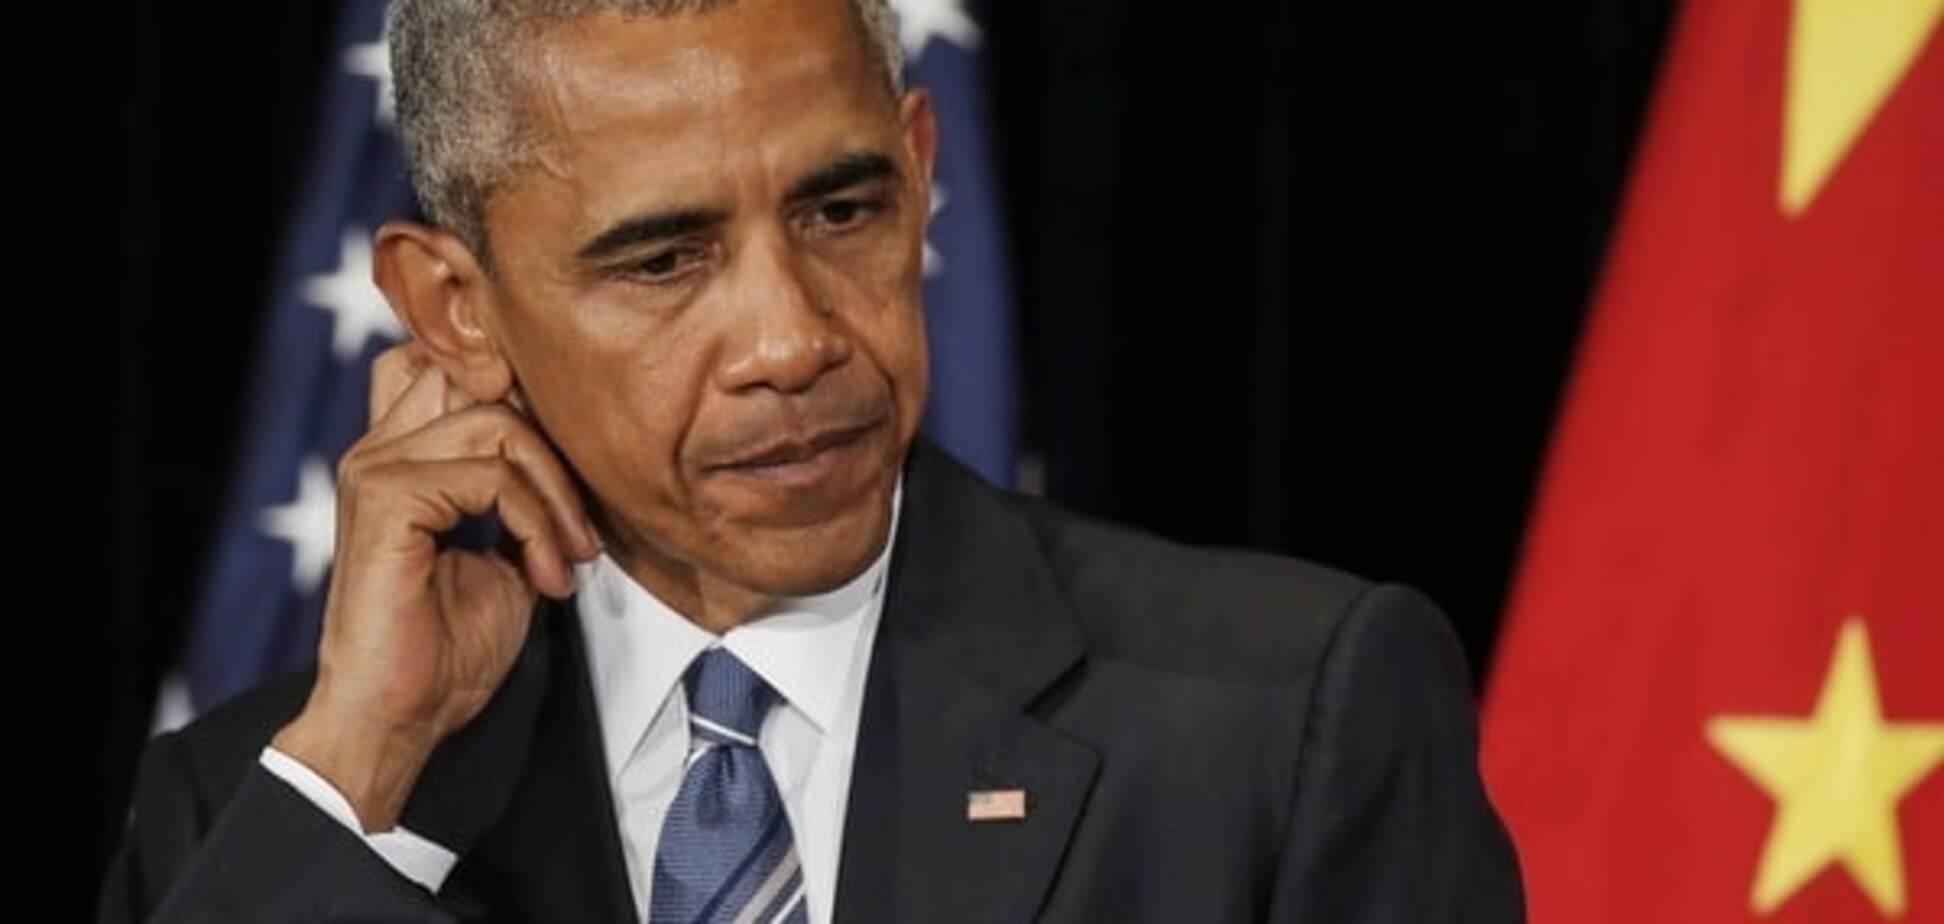 Нерішучість Обами в питанні України була помилкою - Гонгадзе